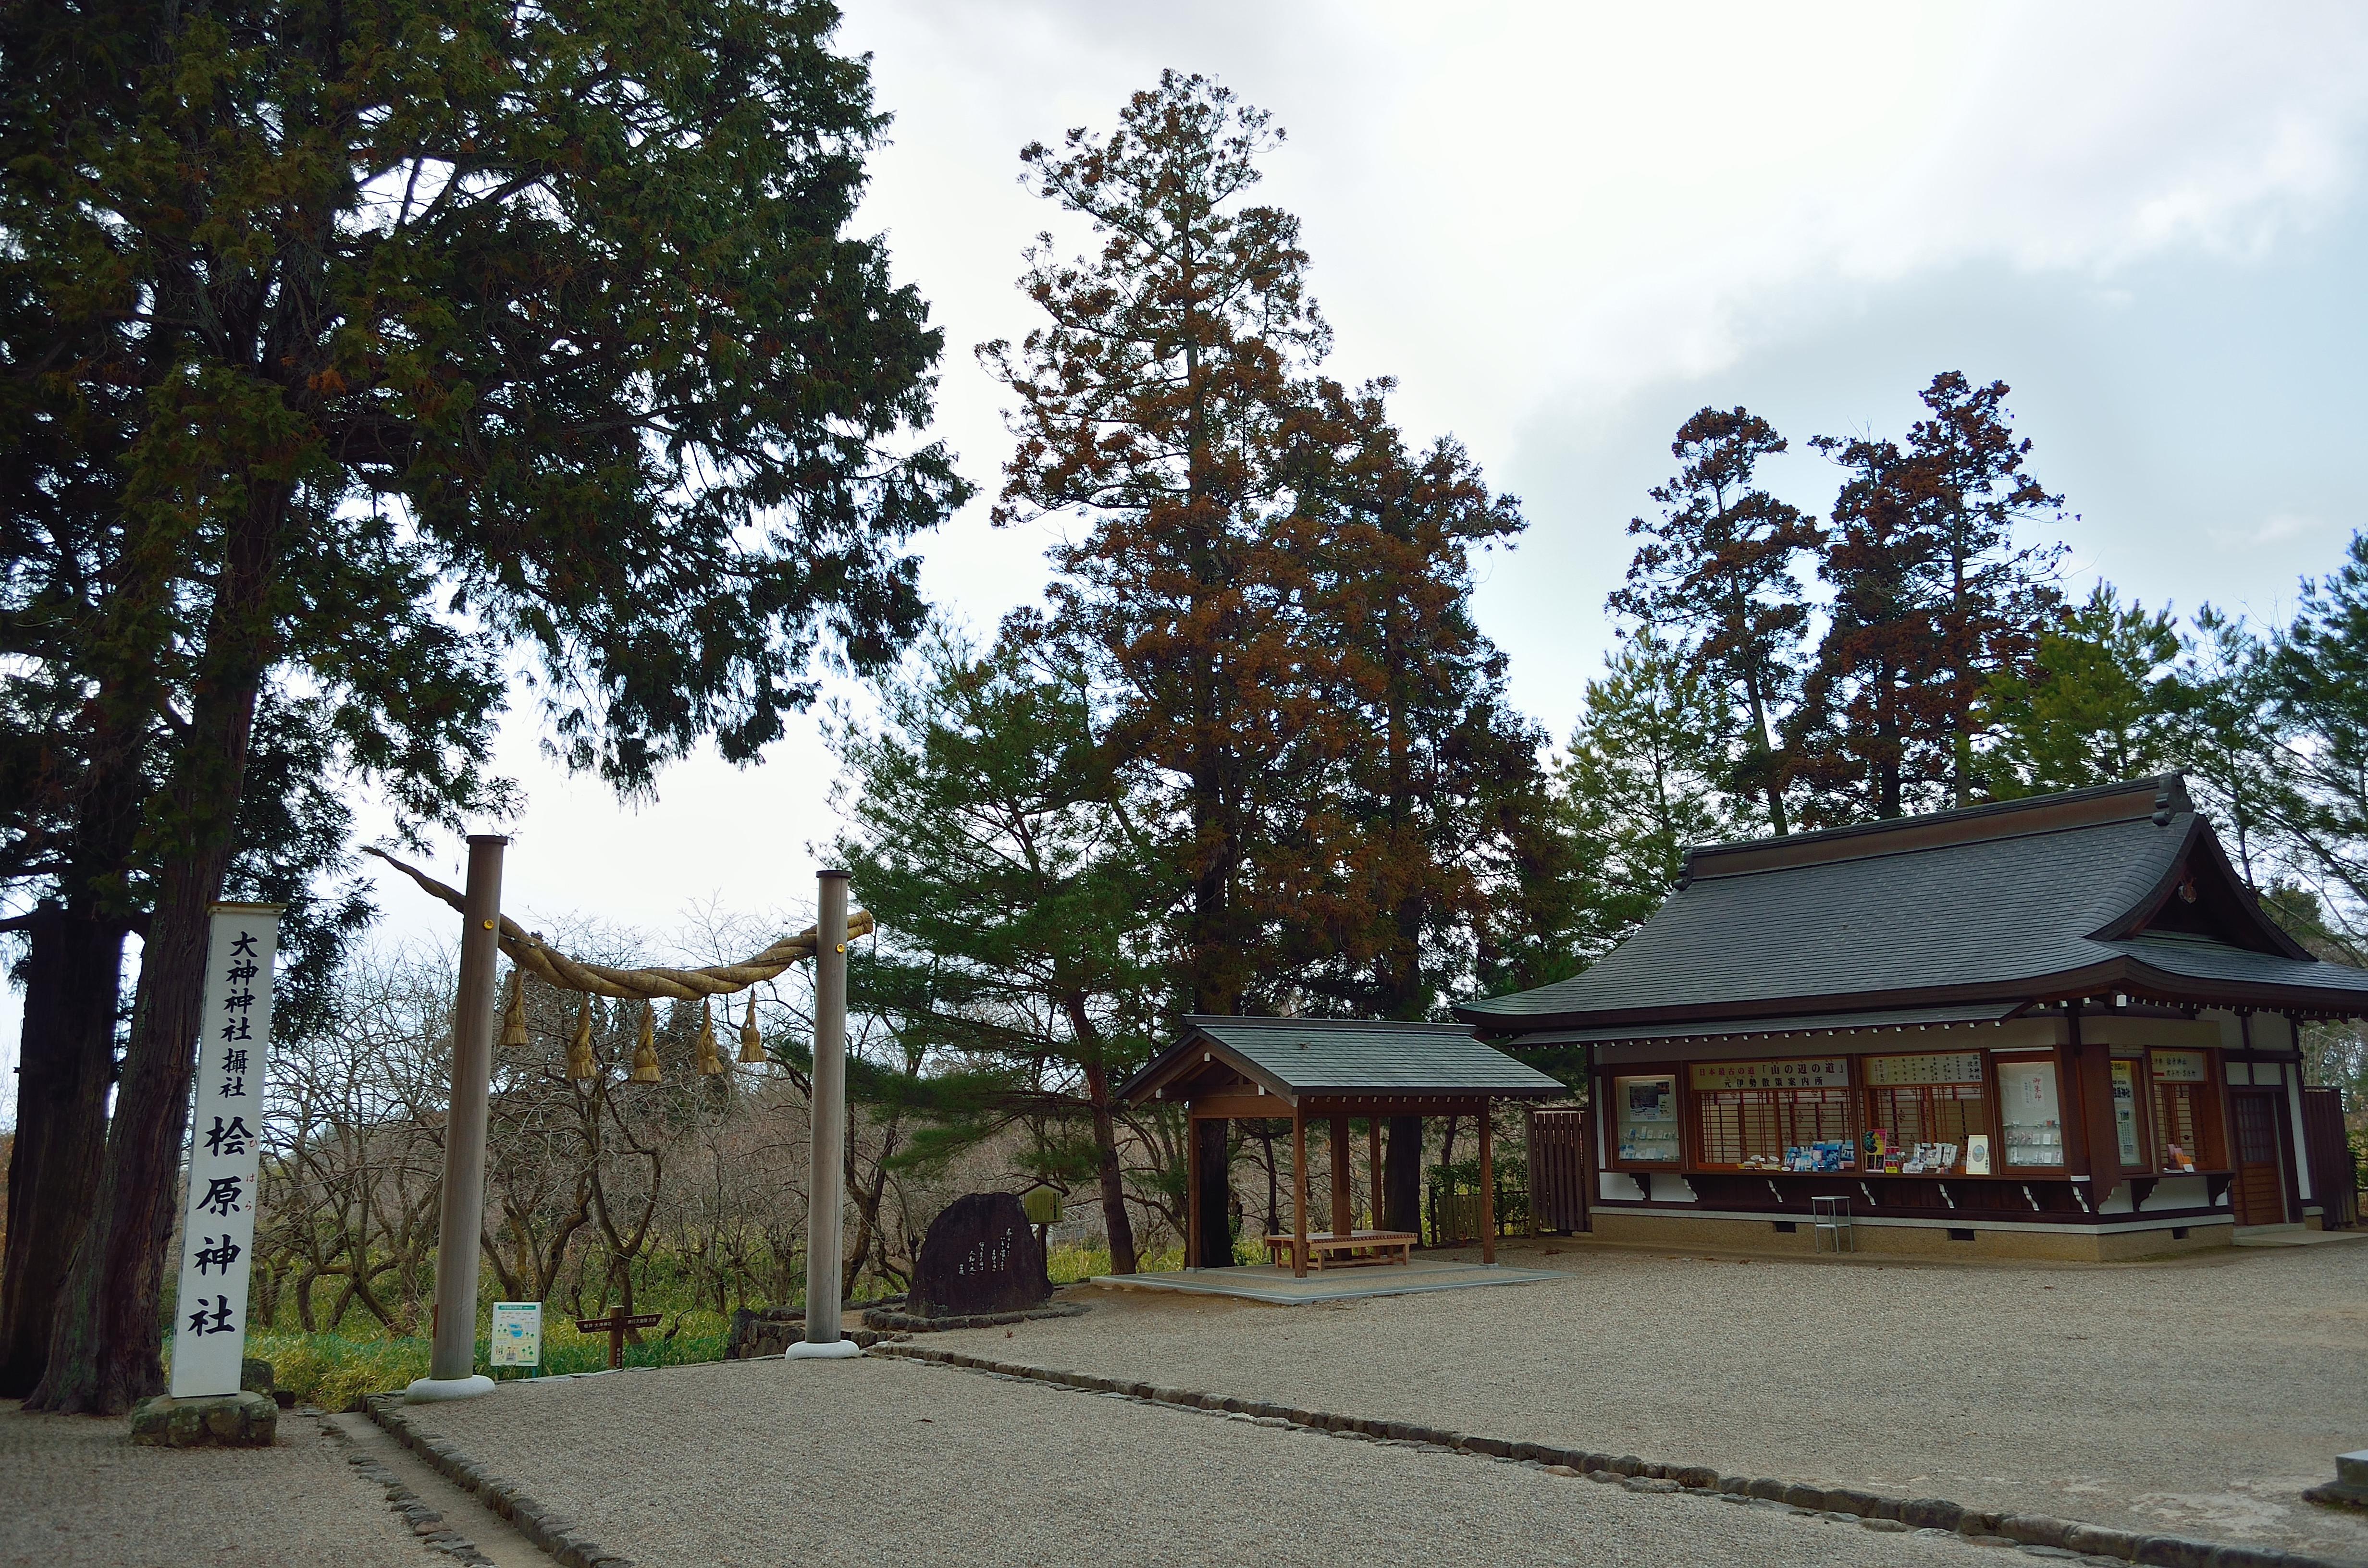 檜原神社 境内風景